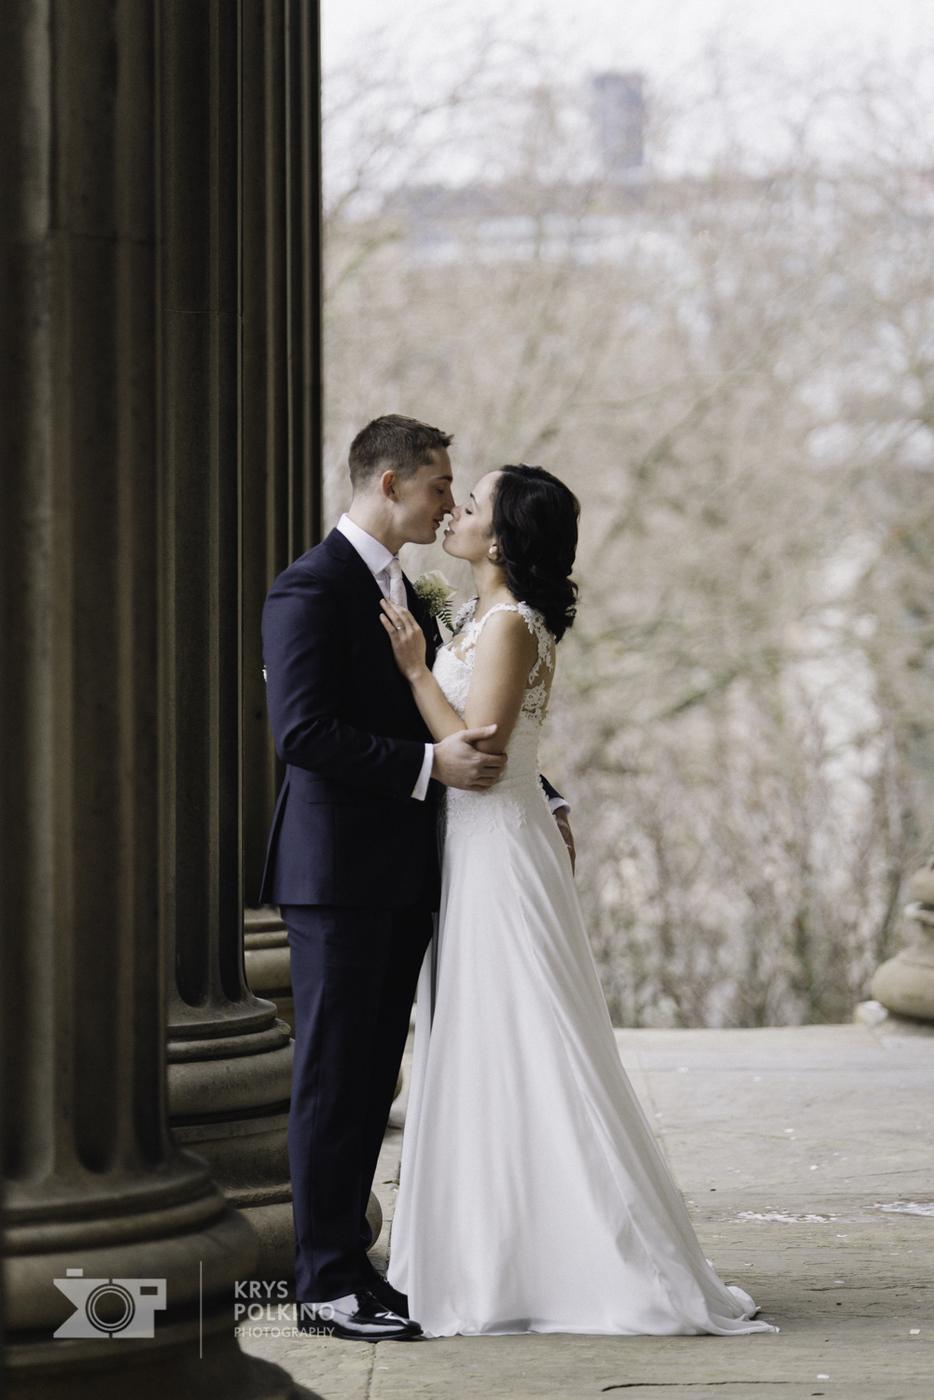 Karisha and Mike - Liverpool Wedding Photography